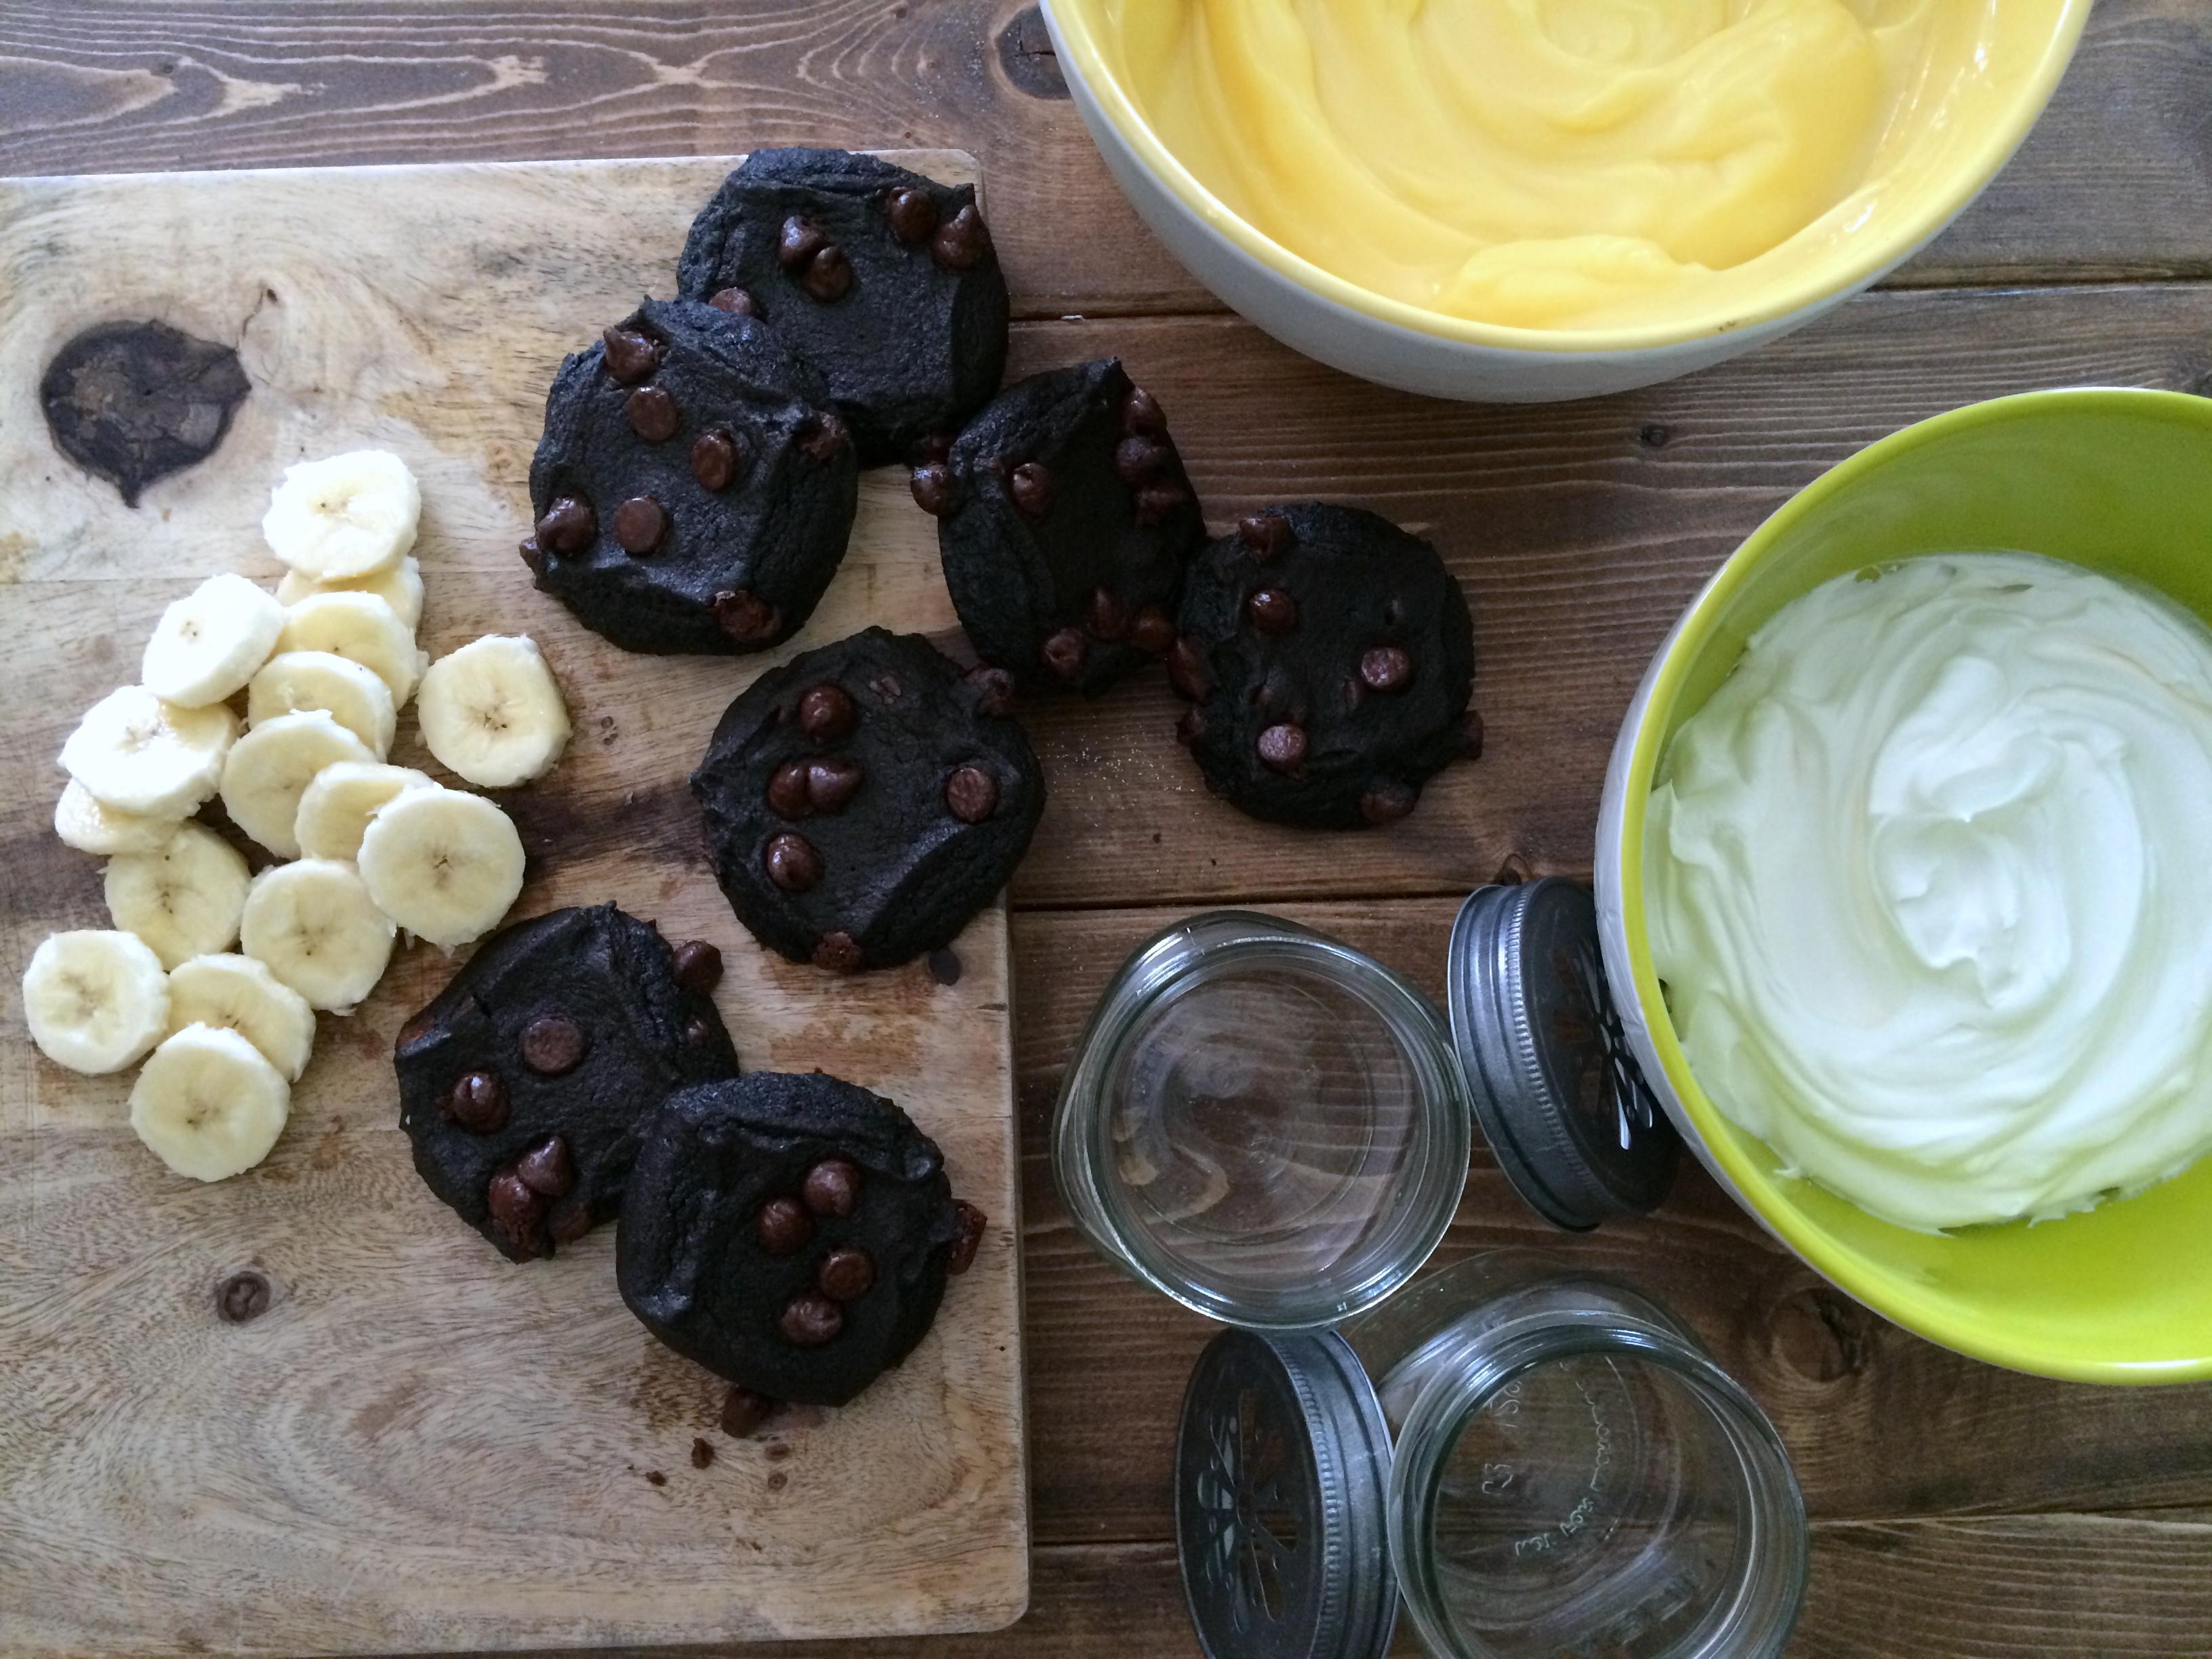 Banana Pudding Ingredients